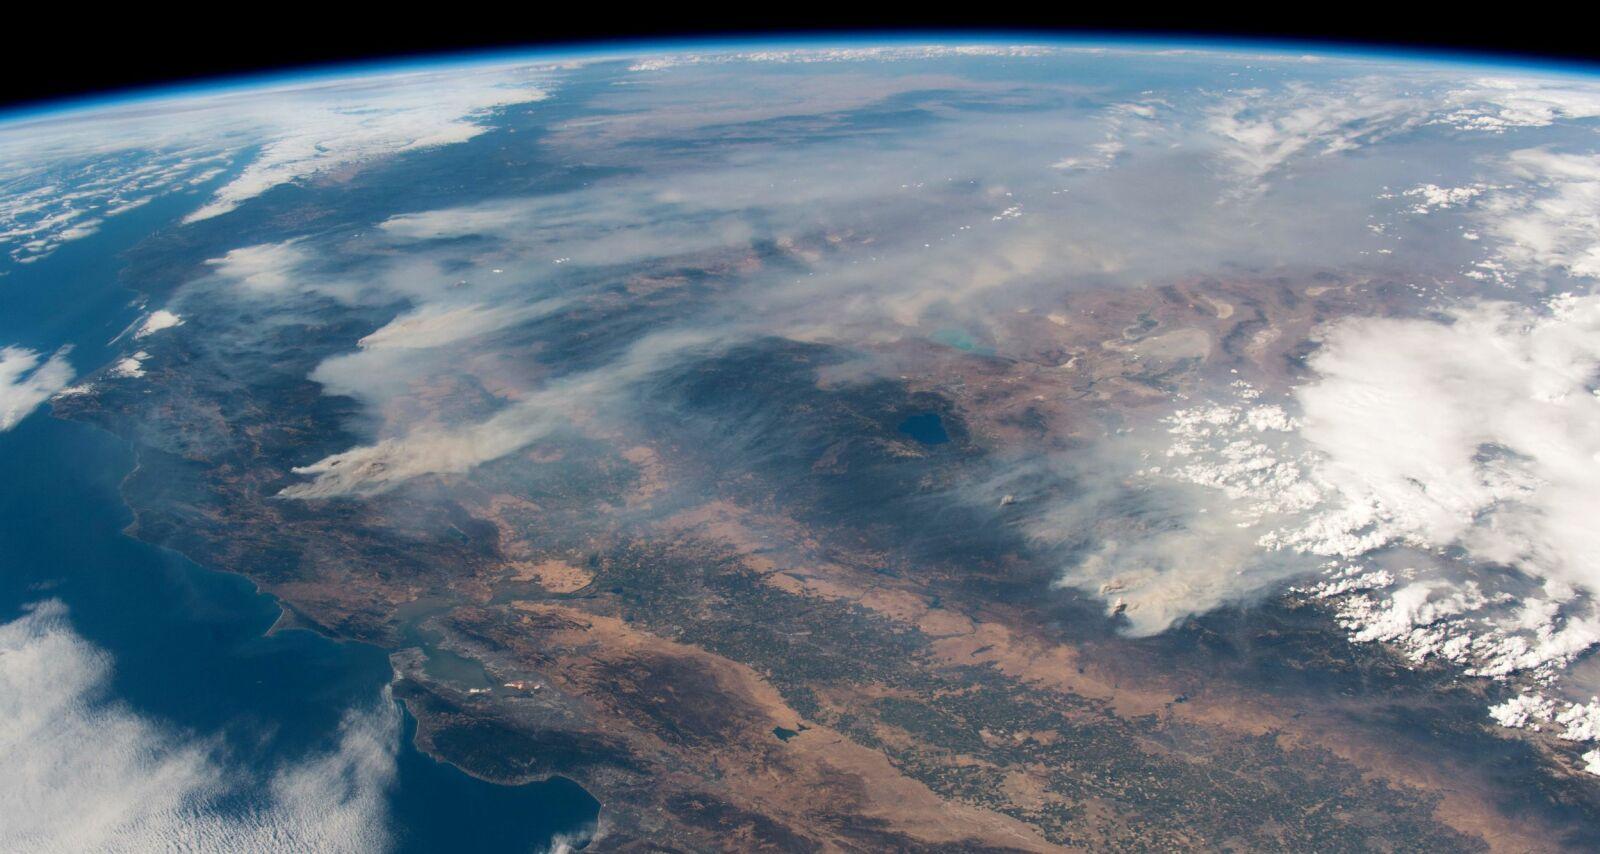 I BRANN: Bildet tatt av den tyske astronauten og geofysikeren Alexander Gerst, viser røyken fra de enorme skogbrannene som herjer California, sett fra den Internasjonale romstasjonen (ISS). Foto: Alexander Gerst / European space agency / NTB Scanpix